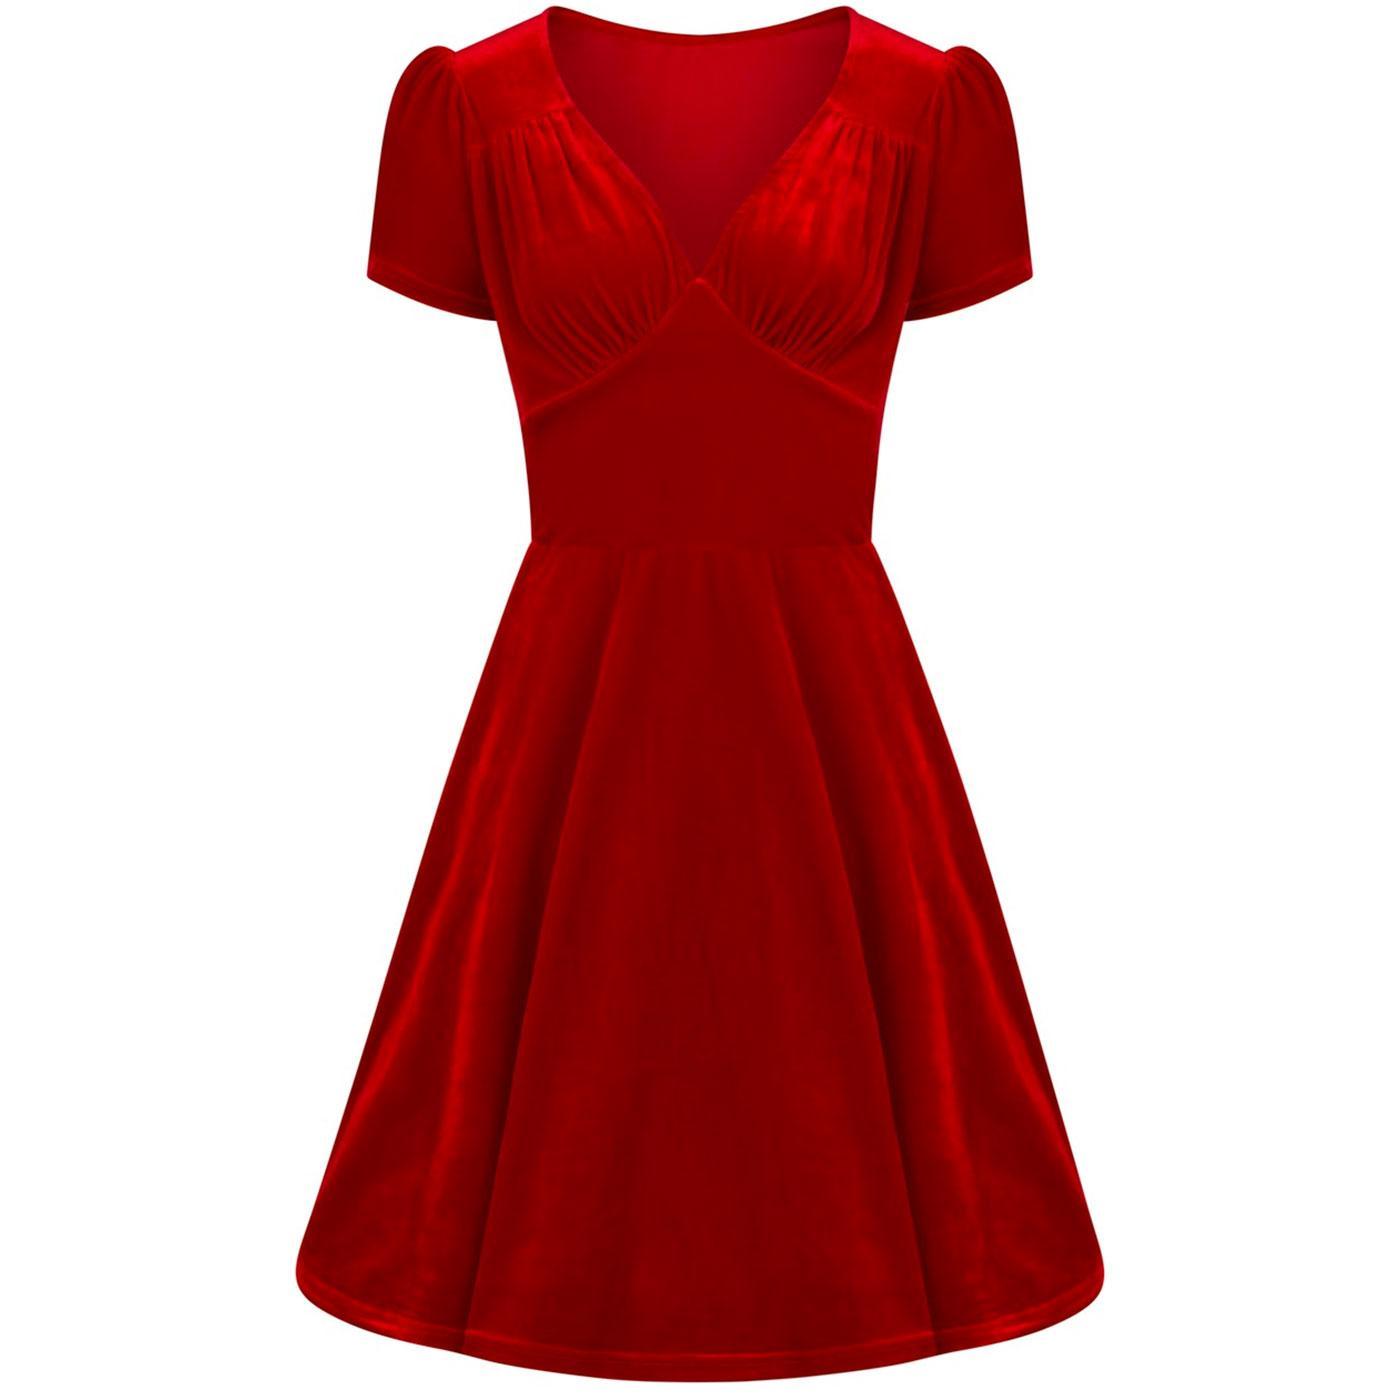 Joanne HELL BUNNY Vintage Velvet 50s Party Dress R